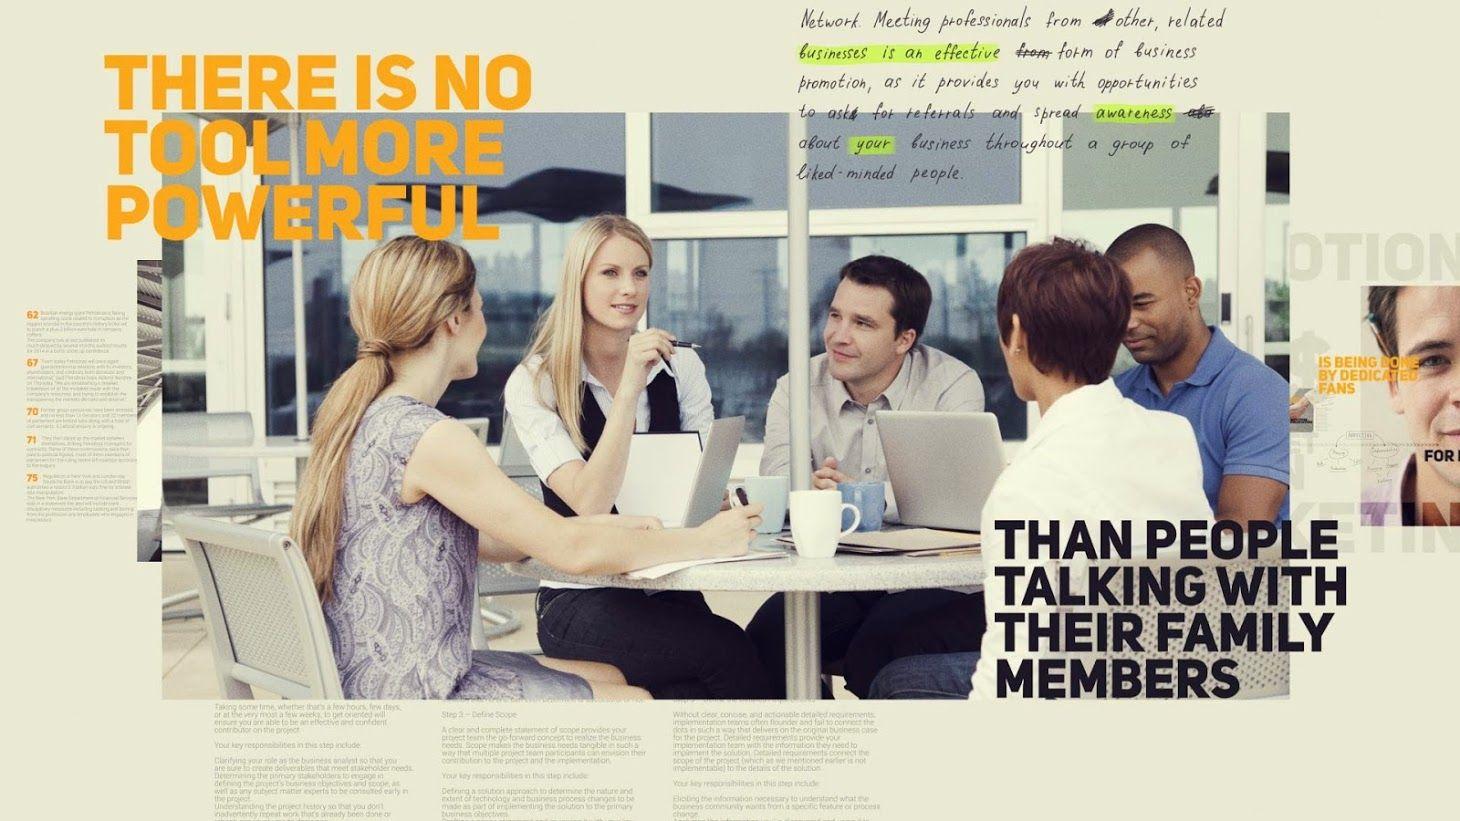 پرومو تیزر تبلیغاتی کسب و کار پریمیر افترافکت